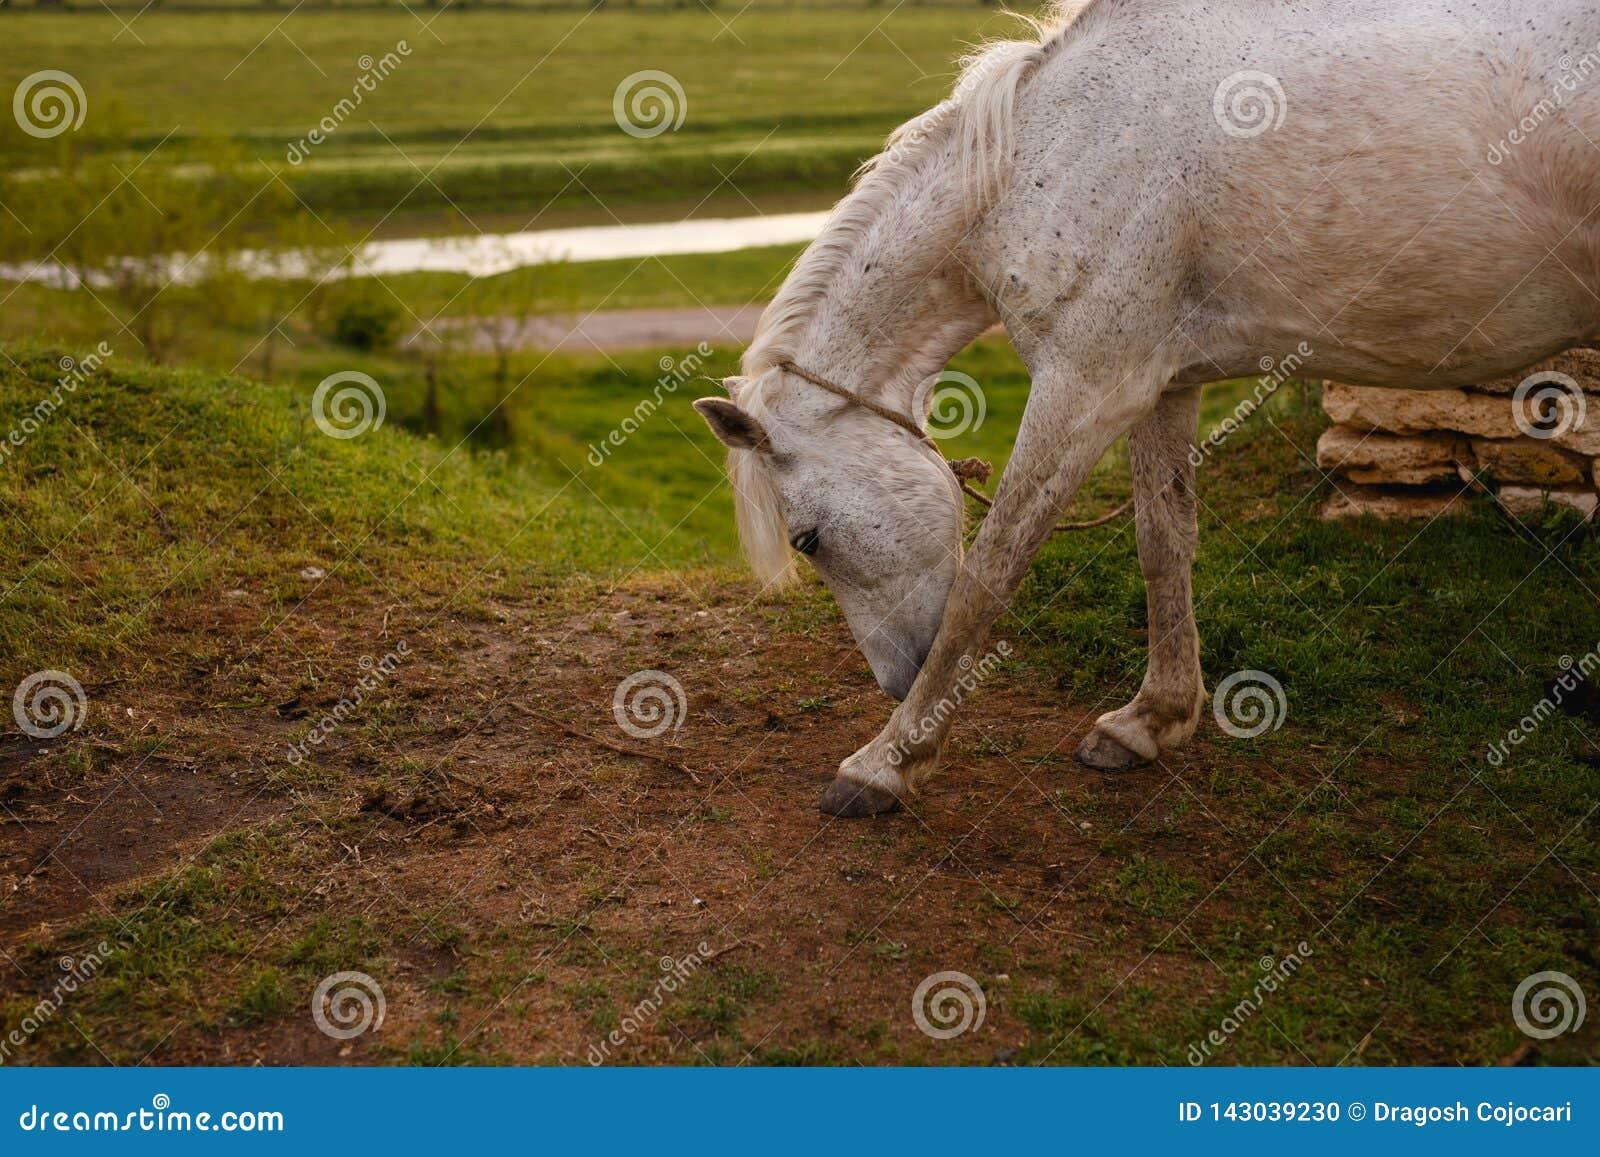 Retrato de un caballo blanco hermoso, afuera, en un fondo verde del paisaje